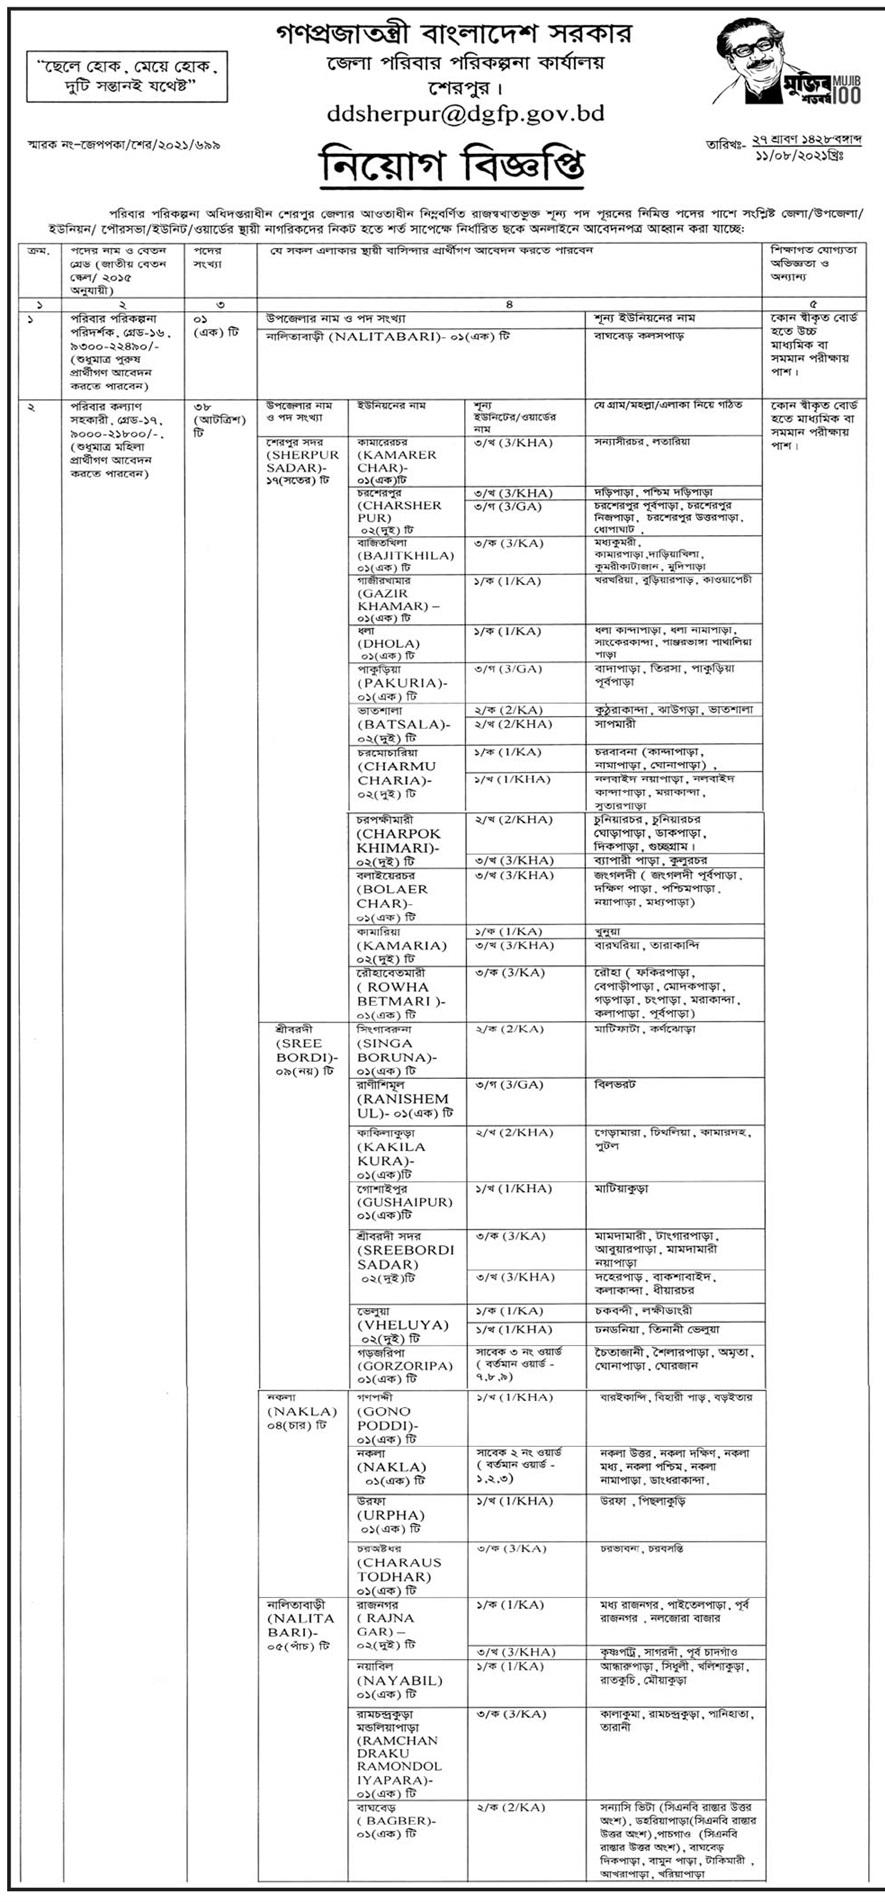 জেলা ও উপজেলা পরিবার পরিকল্পনা কার্যালয় নিয়োগ বিজ্ঞপ্তি ২০২১ - স্বাস্থ্য ও পরিবার পরিকল্পনা অধিদপ্তরে নিয়োগ বিজ্ঞপ্তি ২০২১ - Family Planning Job Circular 2021 - পরিবার পরিকল্পনা নিয়োগ বিজ্ঞপ্তি ২০২২ - poribar porikolpona job circular 2021 - পরিবার পরিকল্পনা নিয়োগ বিজ্ঞপ্তি ২০২১